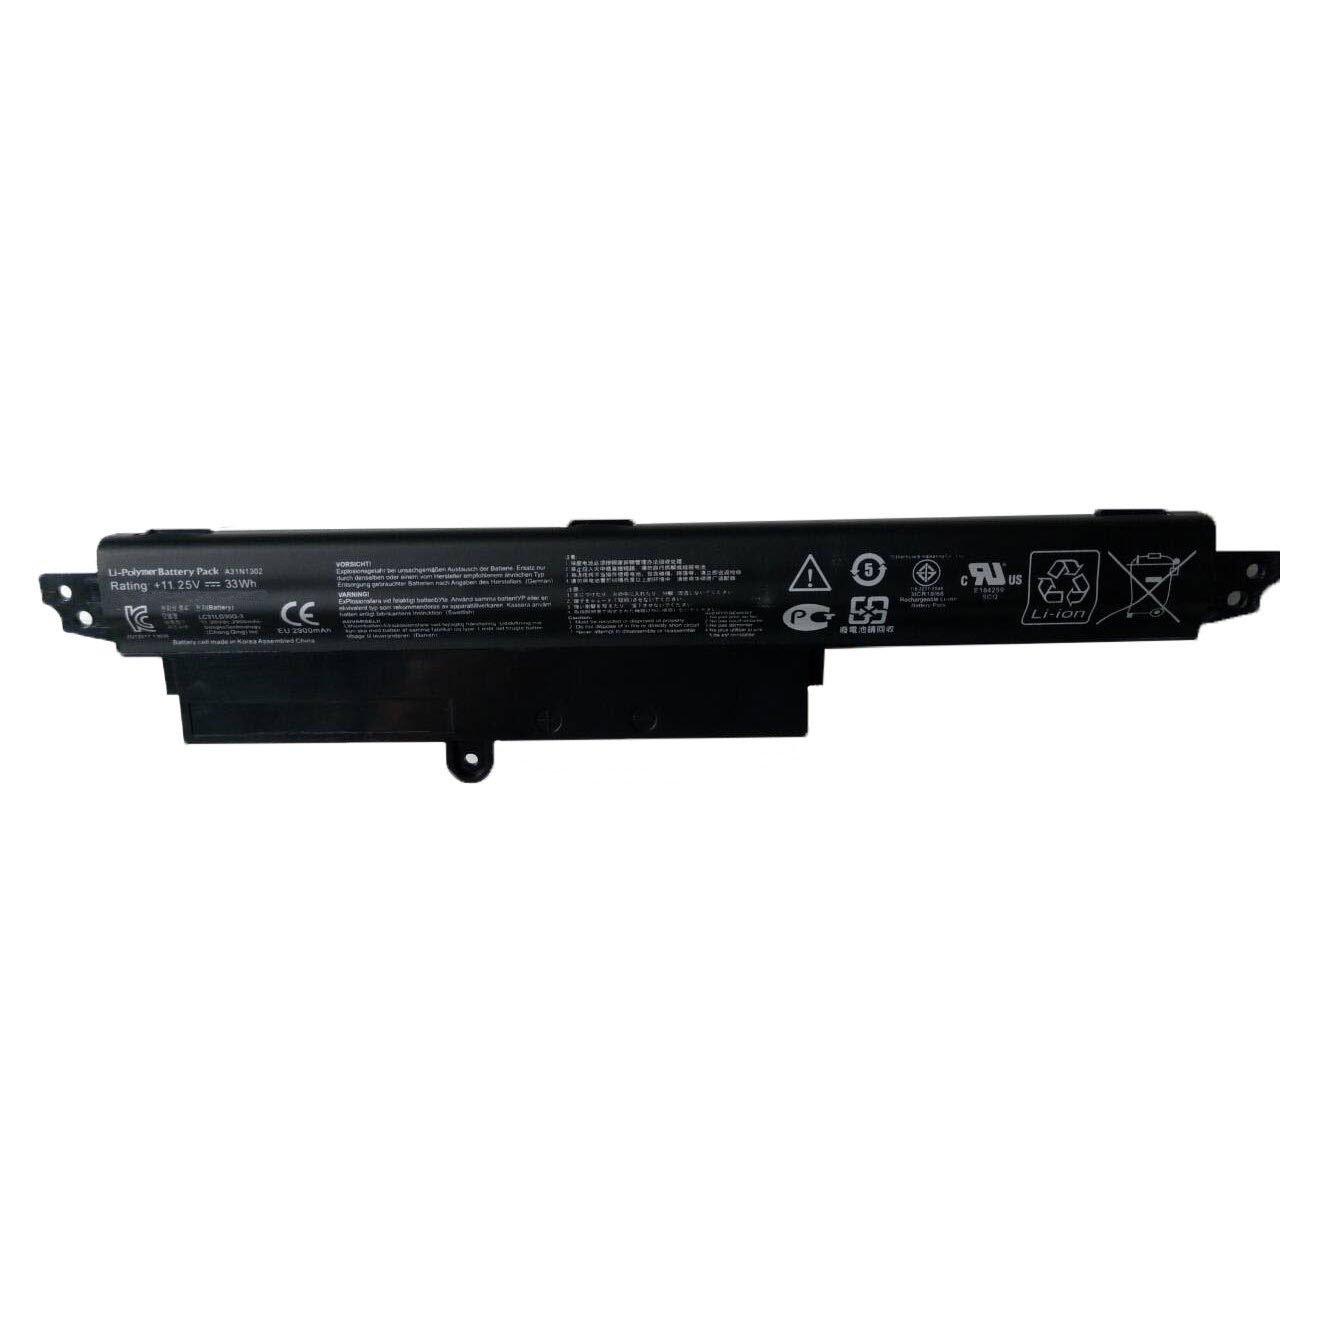 Battery Baterai Original Asus X200 X200ca X200m X200ma F200ca Batere Batre Batery X455 X455la X455ld Model Tanam C21n1401 Ori Batlas56 Amazoncom Aizilasa A31n1302 Replacement For Vivobook 116